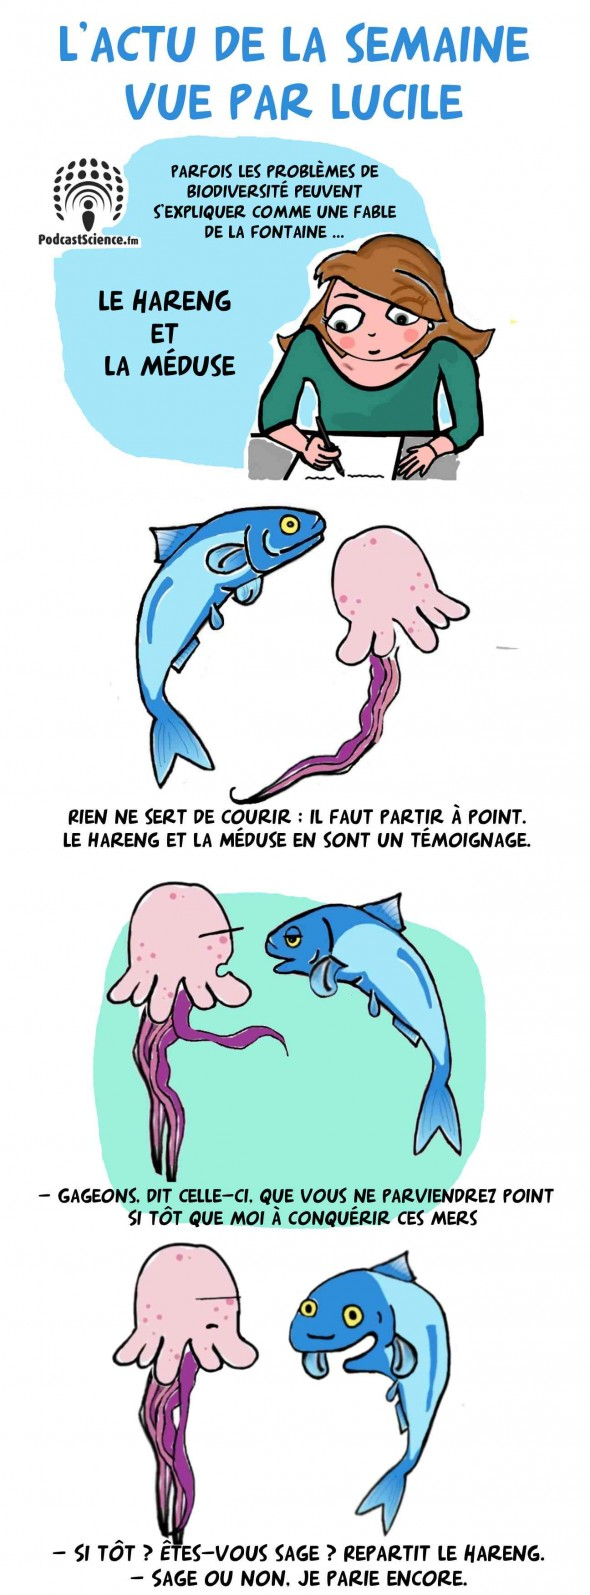 Le hareng et la méduse 1